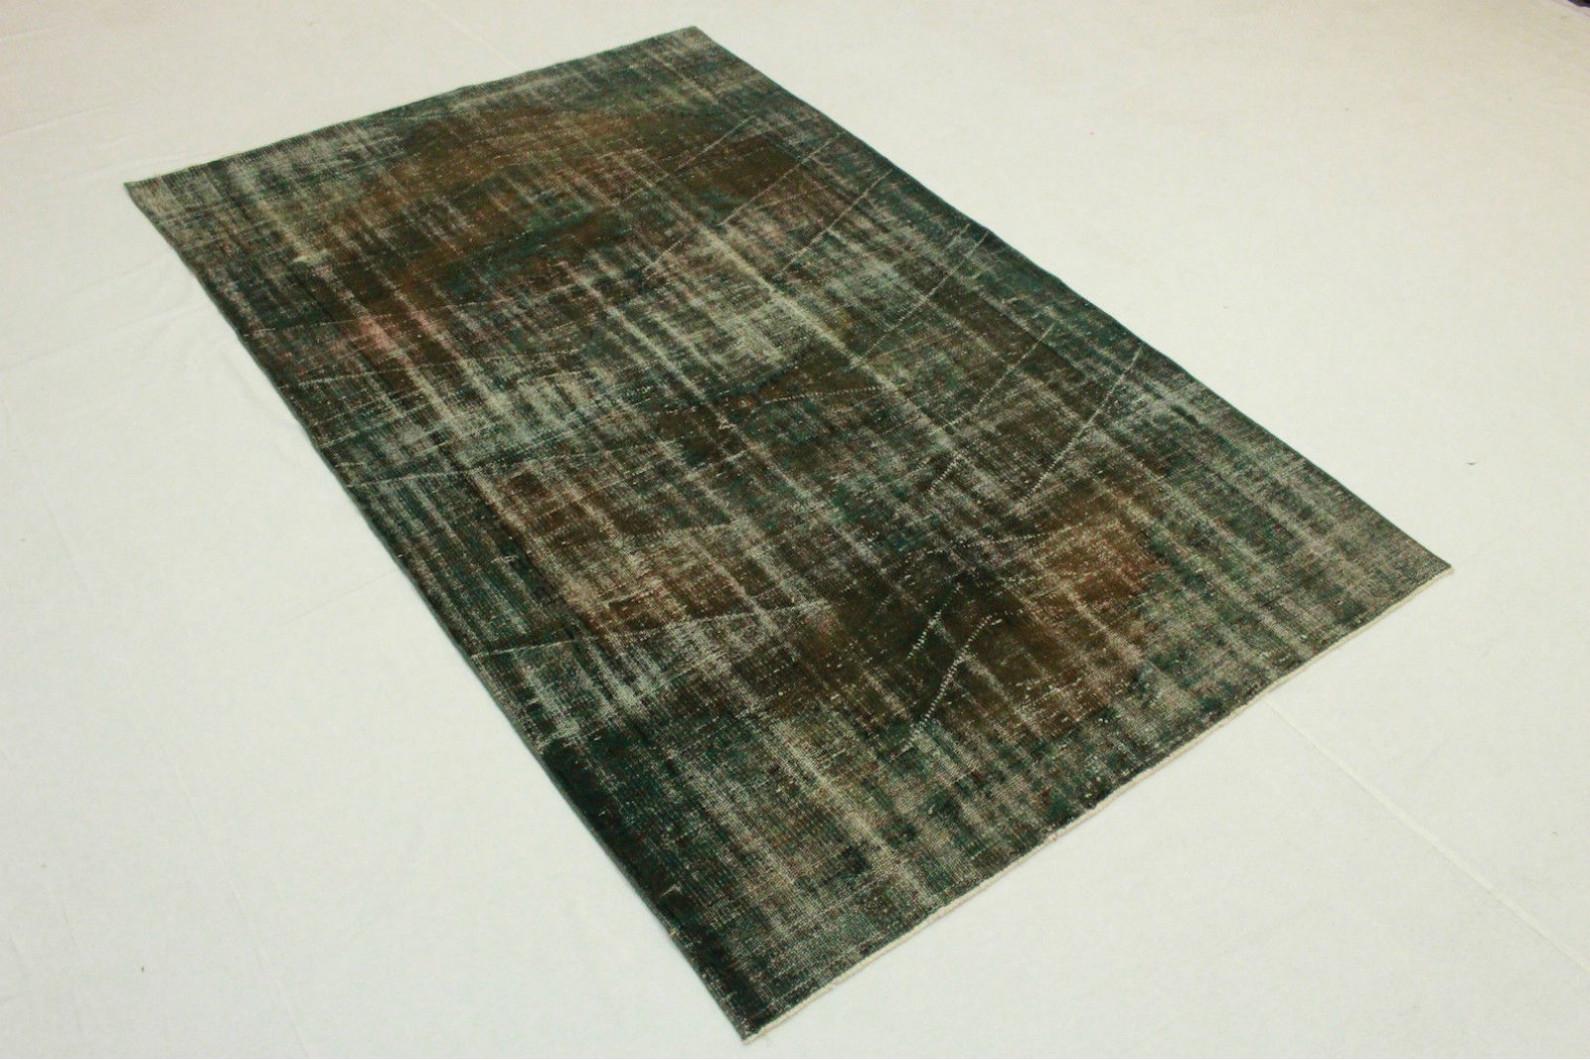 Teppich braun grün  Vintage Teppich Grün Braun in 260x160cm (1011-5117) bei carpetido ...